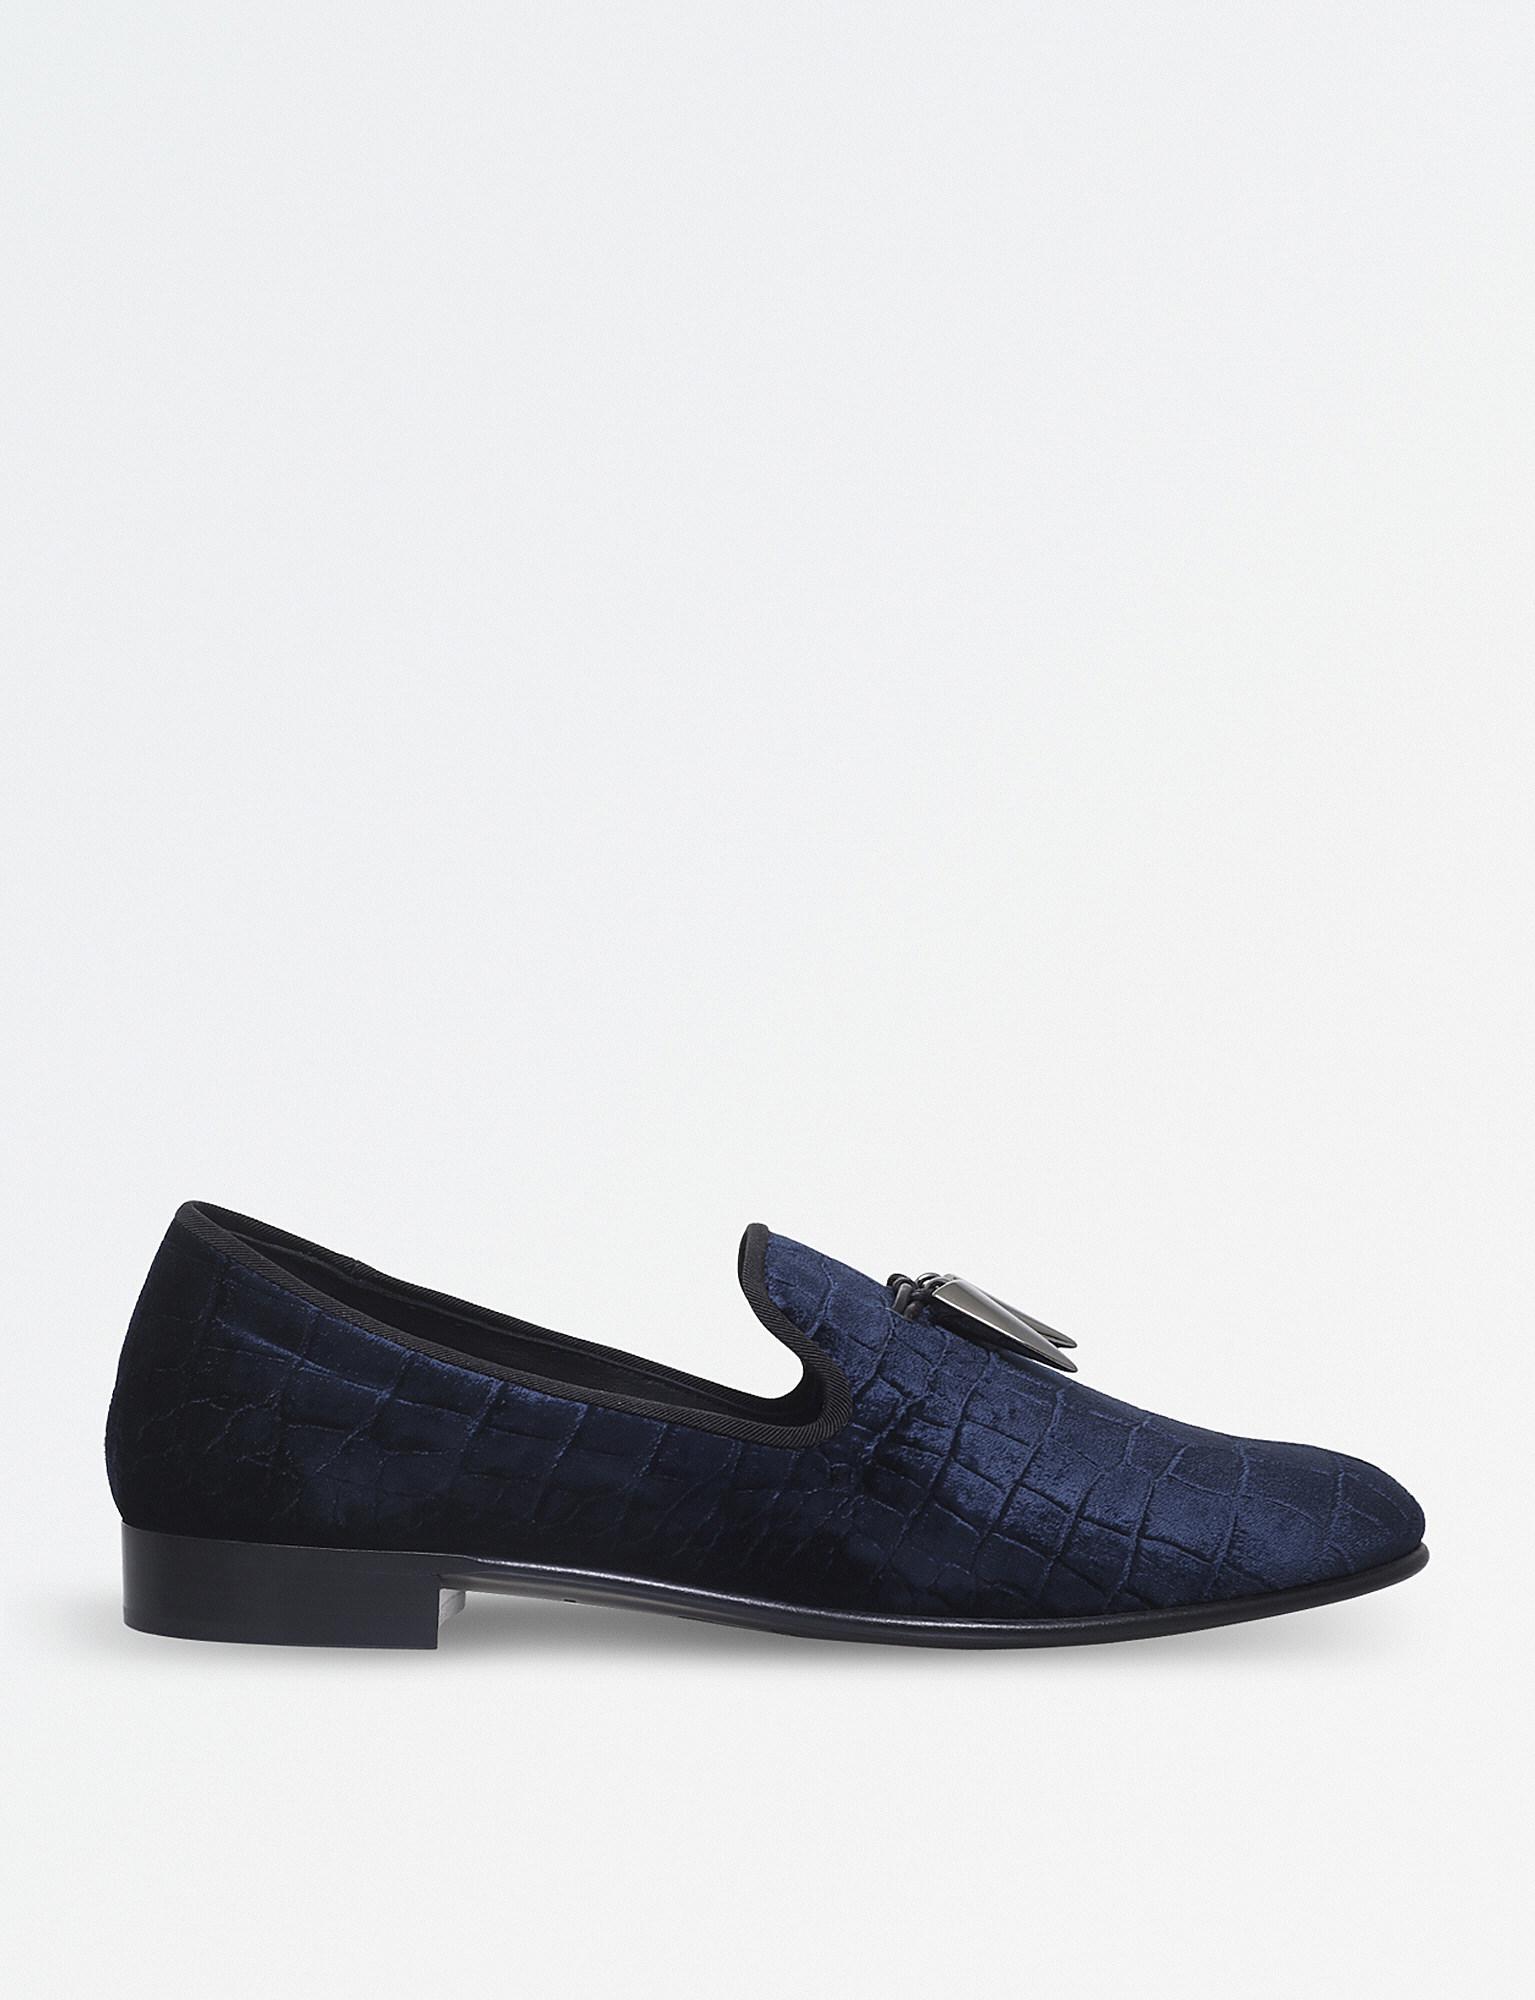 Spacey velvet slippers - Blue Giuseppe Zanotti JFtJfMINY